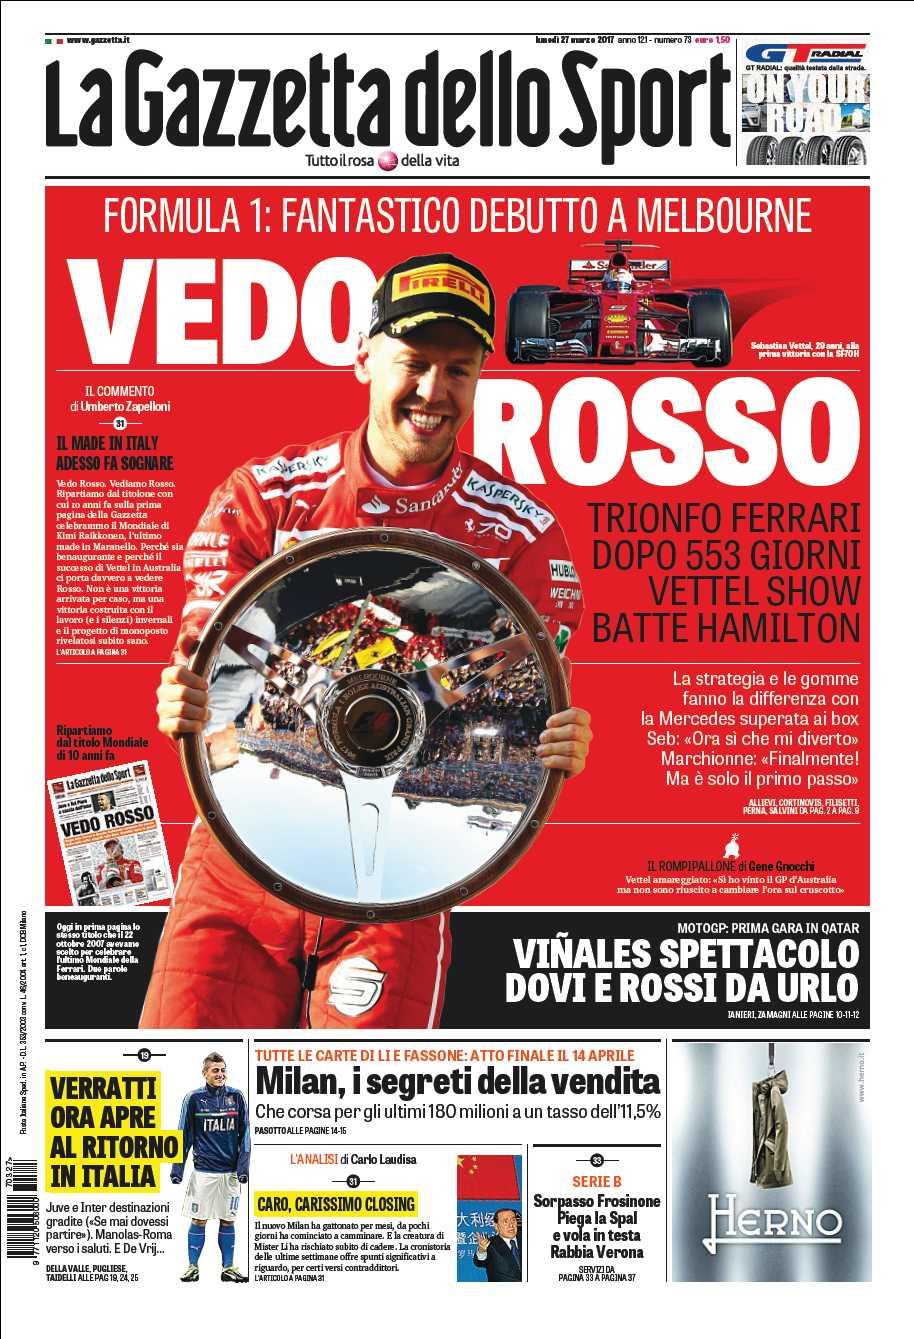 Una #Gazzetta... speciale oggi 🏁 Vedo Rosso, trionfo @ScuderiaFerrari 🏁 Viñales show, Dovi e Rossi da urlo ⚽ Milan, i segreti della vendita. https://t.co/6k3n3Q4NJW